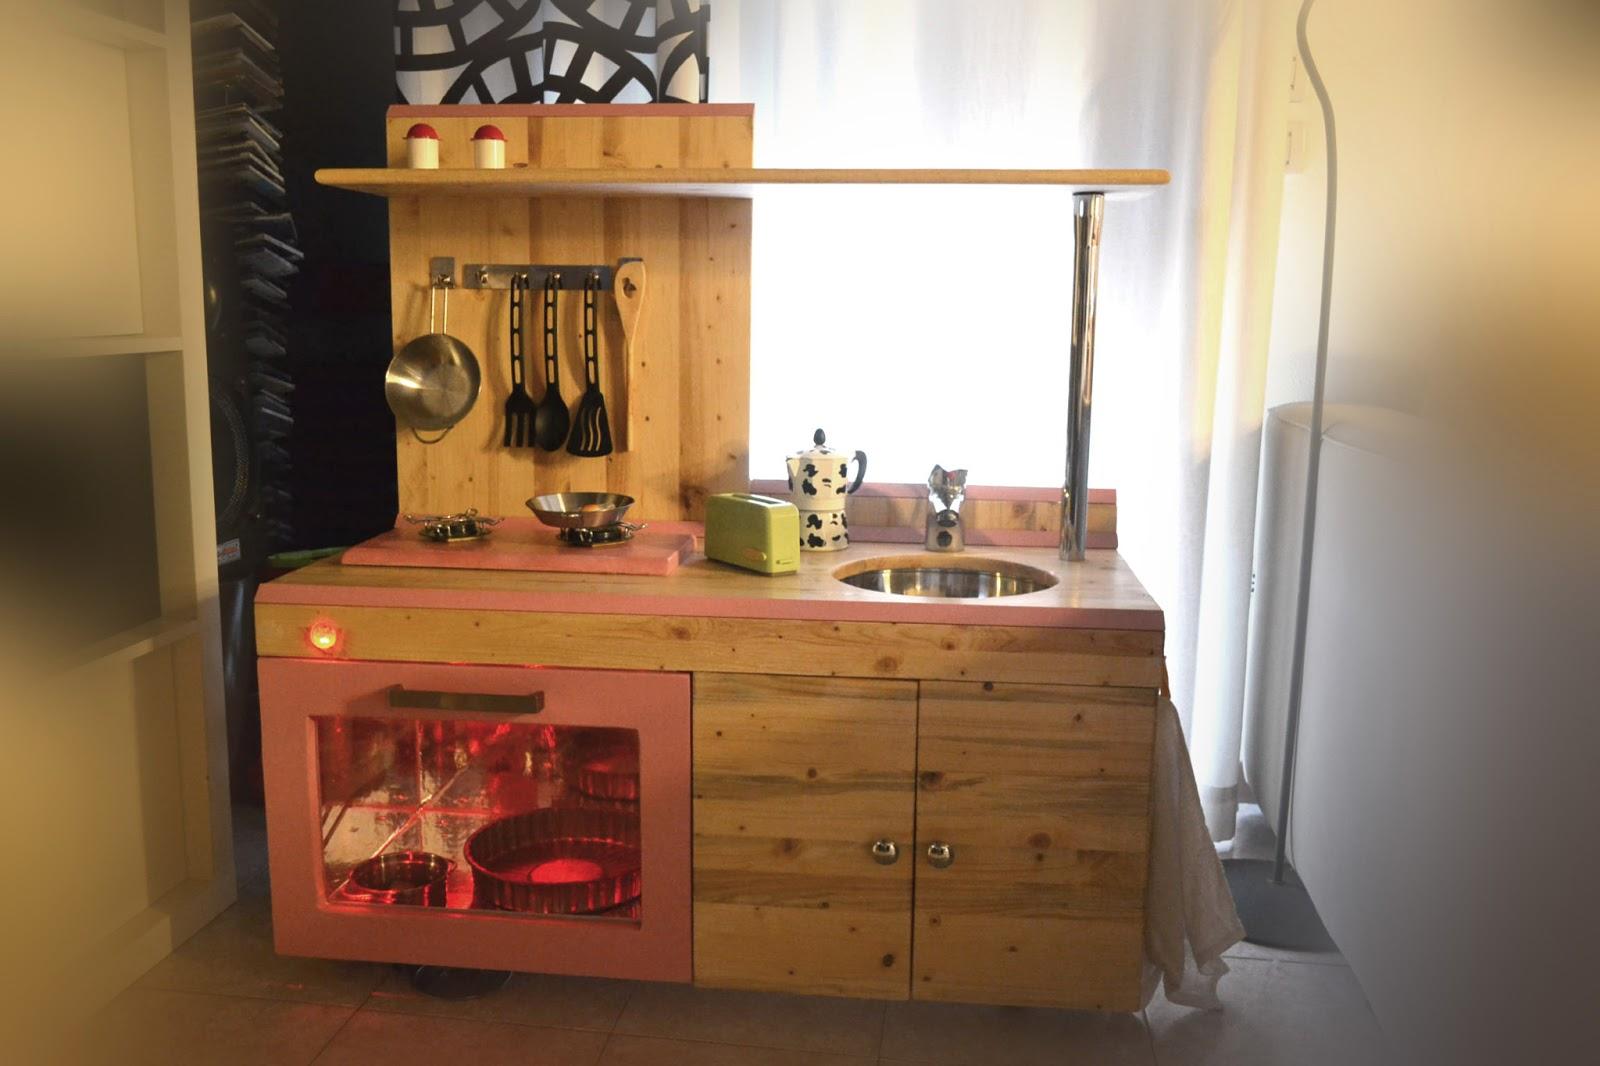 Creare una cucina giocattolo for Mobile per bambini